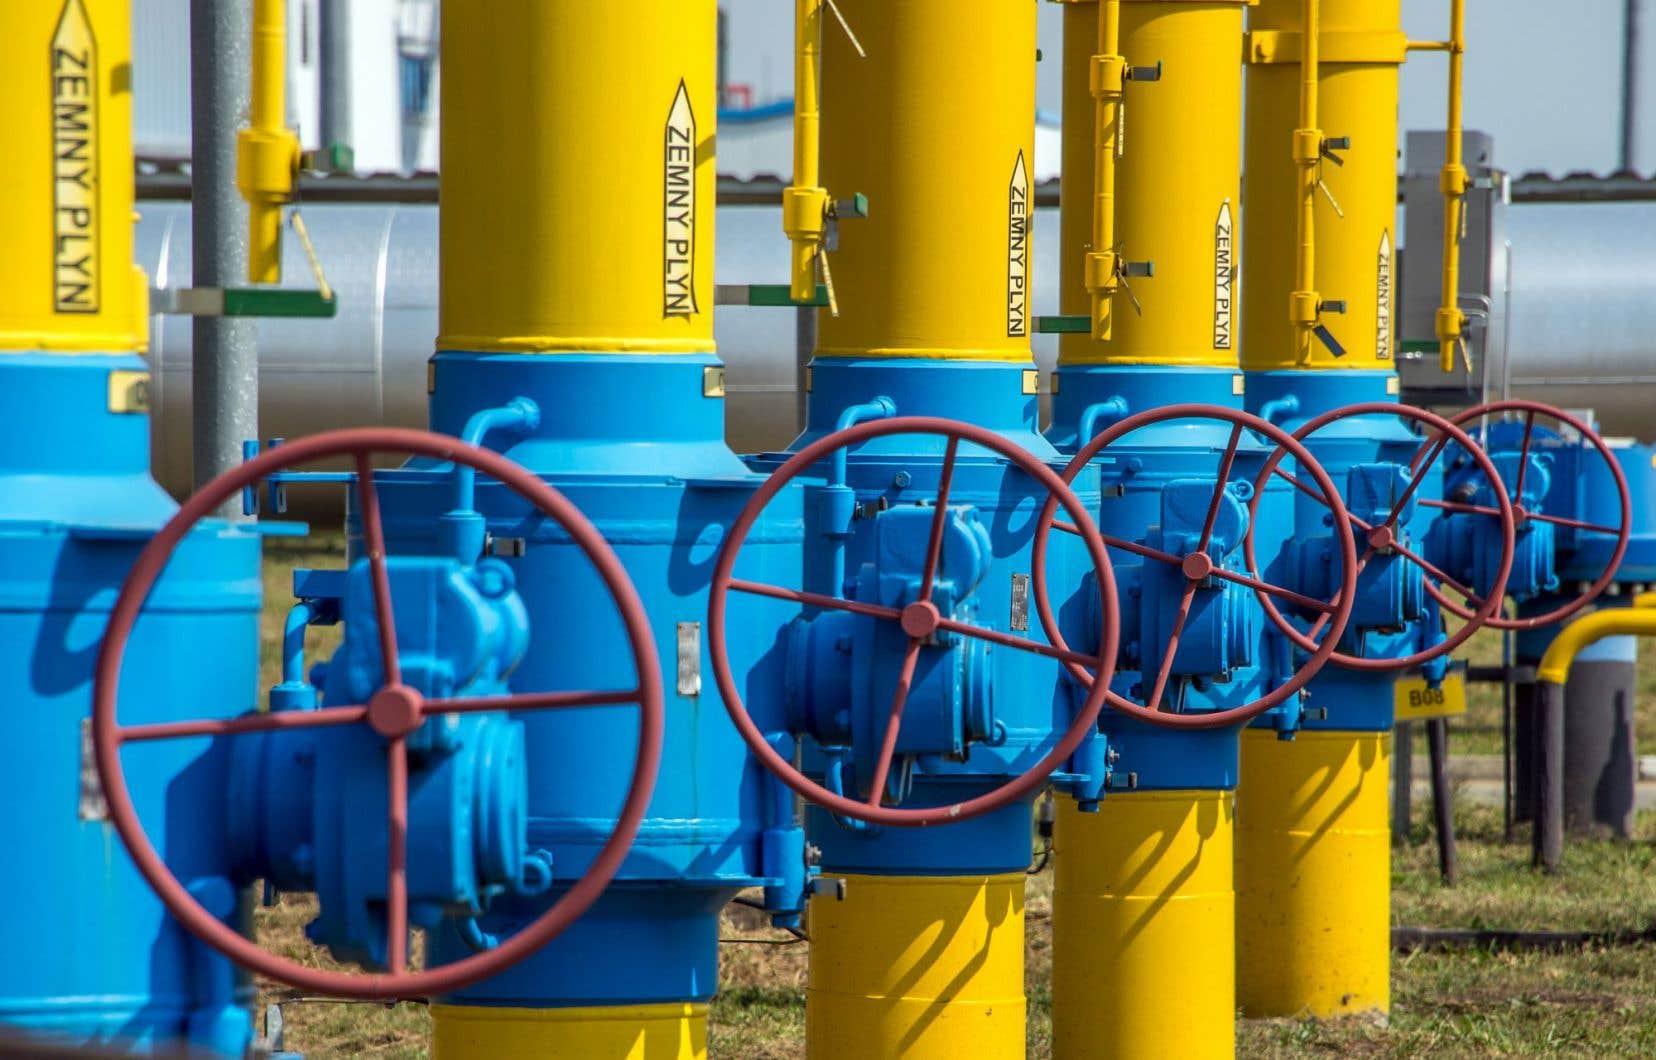 L'Agence internationale de l'énergie (AIE) a mis en garde contre une envolée des prix malgré une légère révision à la hausse de sa prévision de demande.